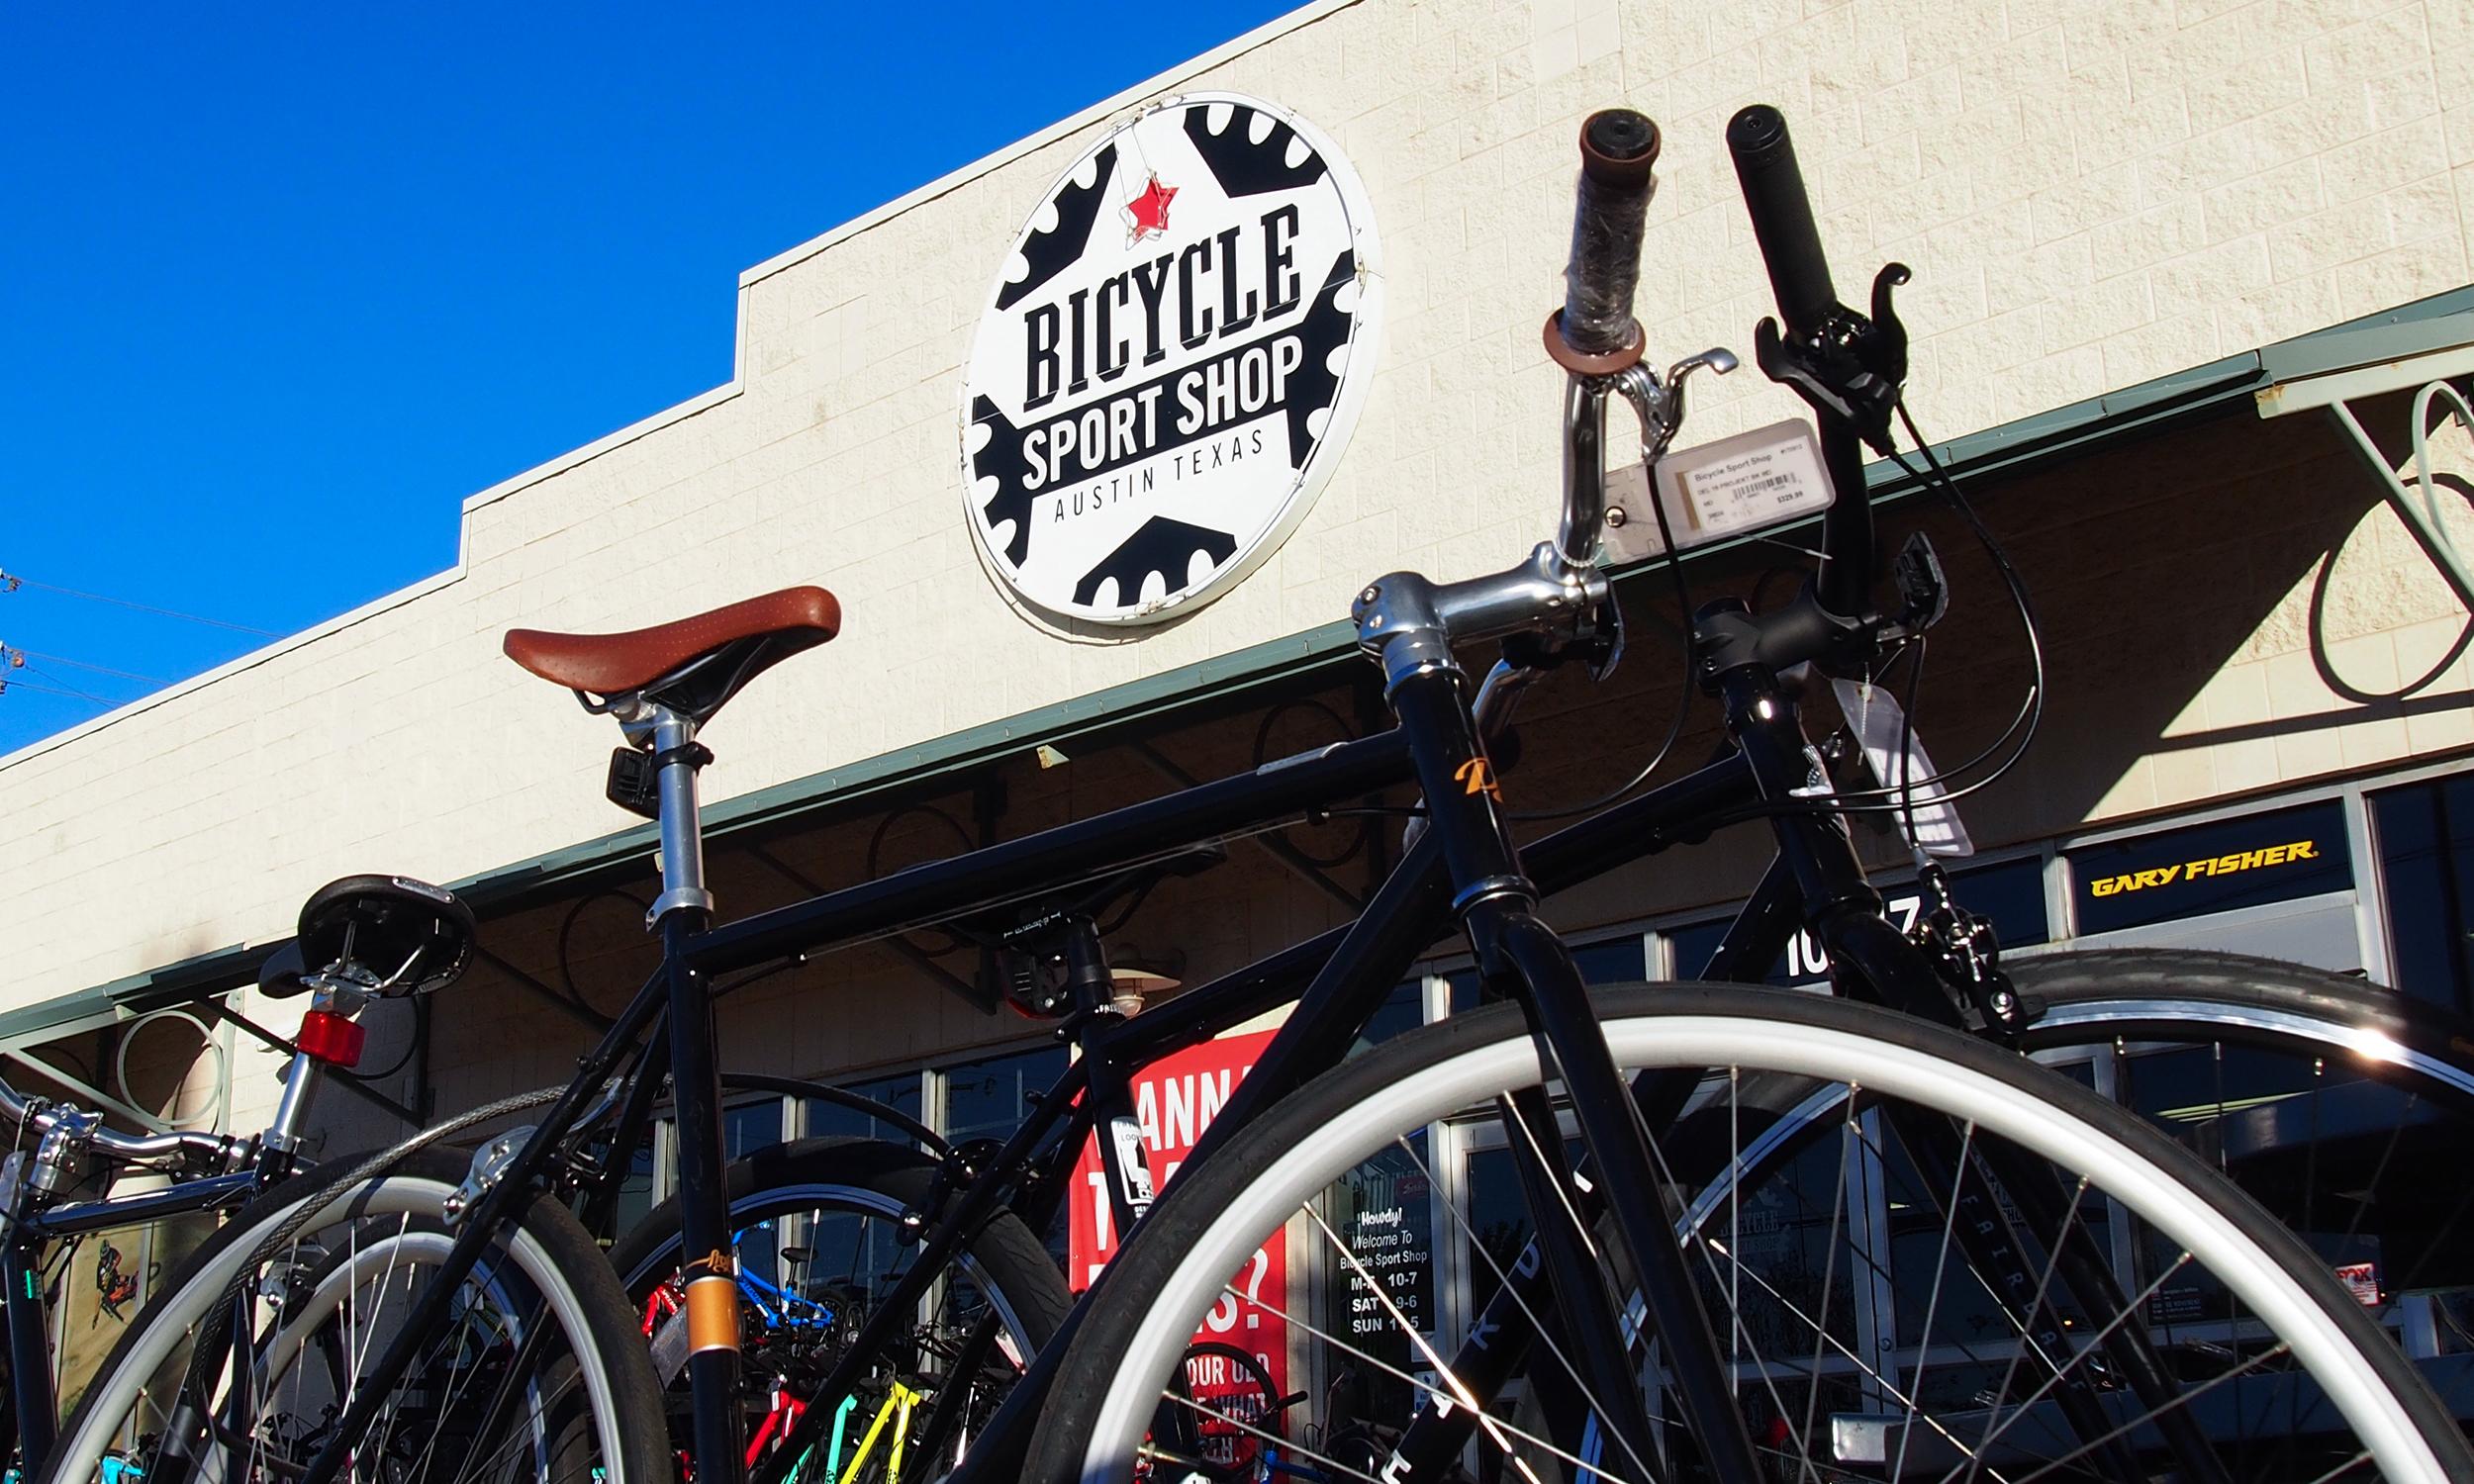 Bicycle Sport Shop : Research Blvd. Austin, TX